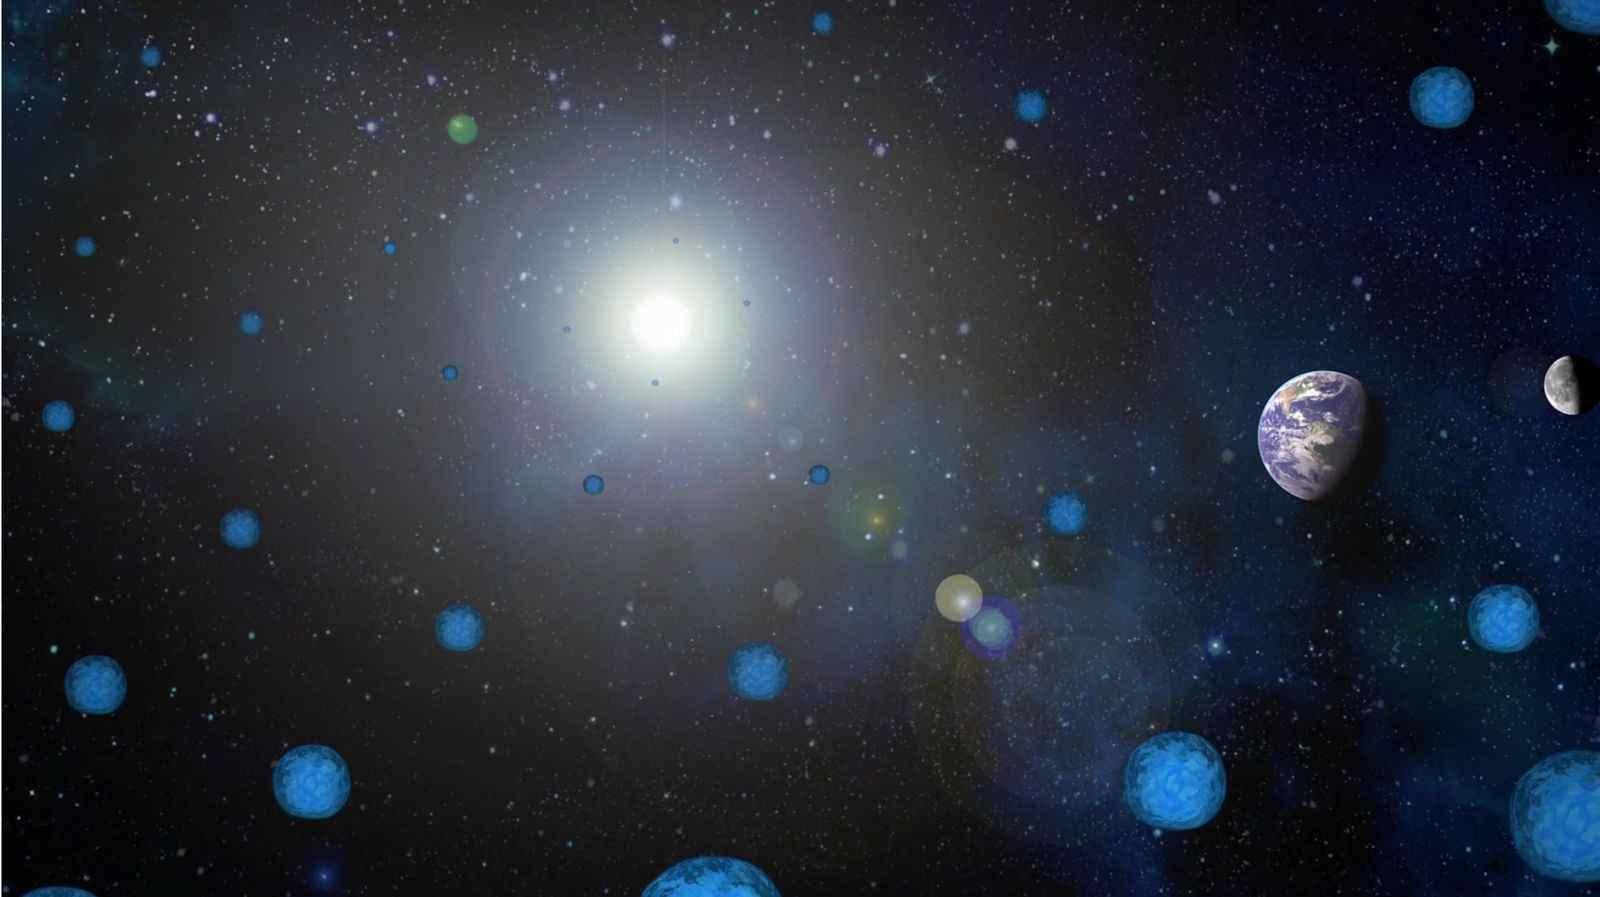 4_sun_earth_moon_blue_spheres.jpg